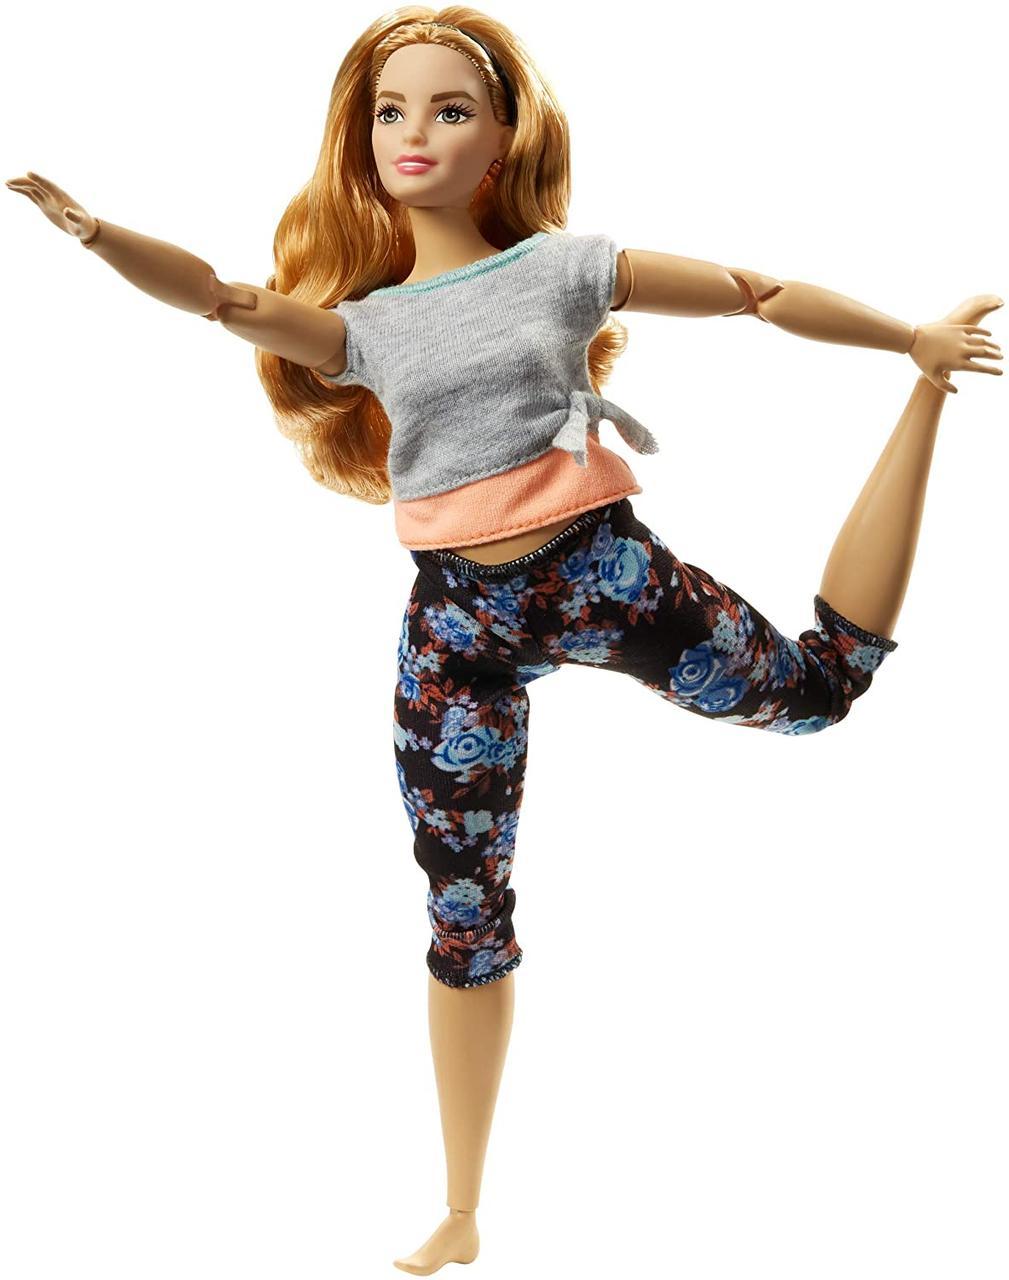 Барби Йога Оригинал кукла с золотыми волосами из серии Безраничные движения (FTG84) (887961643770)